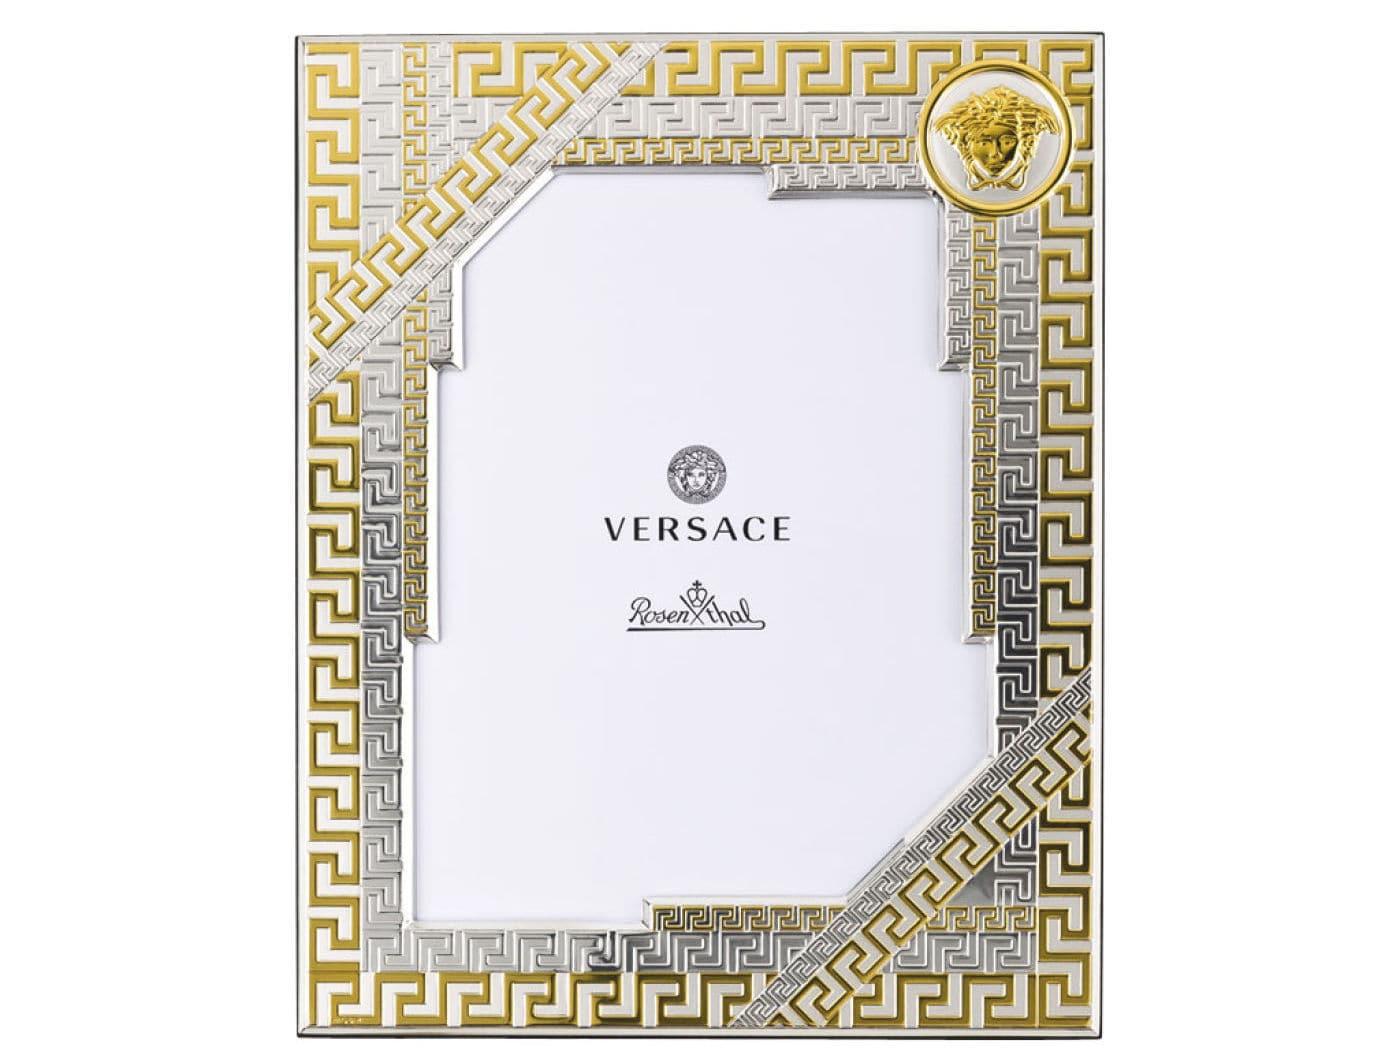 Lujoso Versace Marco De Los Vidrios Fotos - Ideas Personalizadas de ...